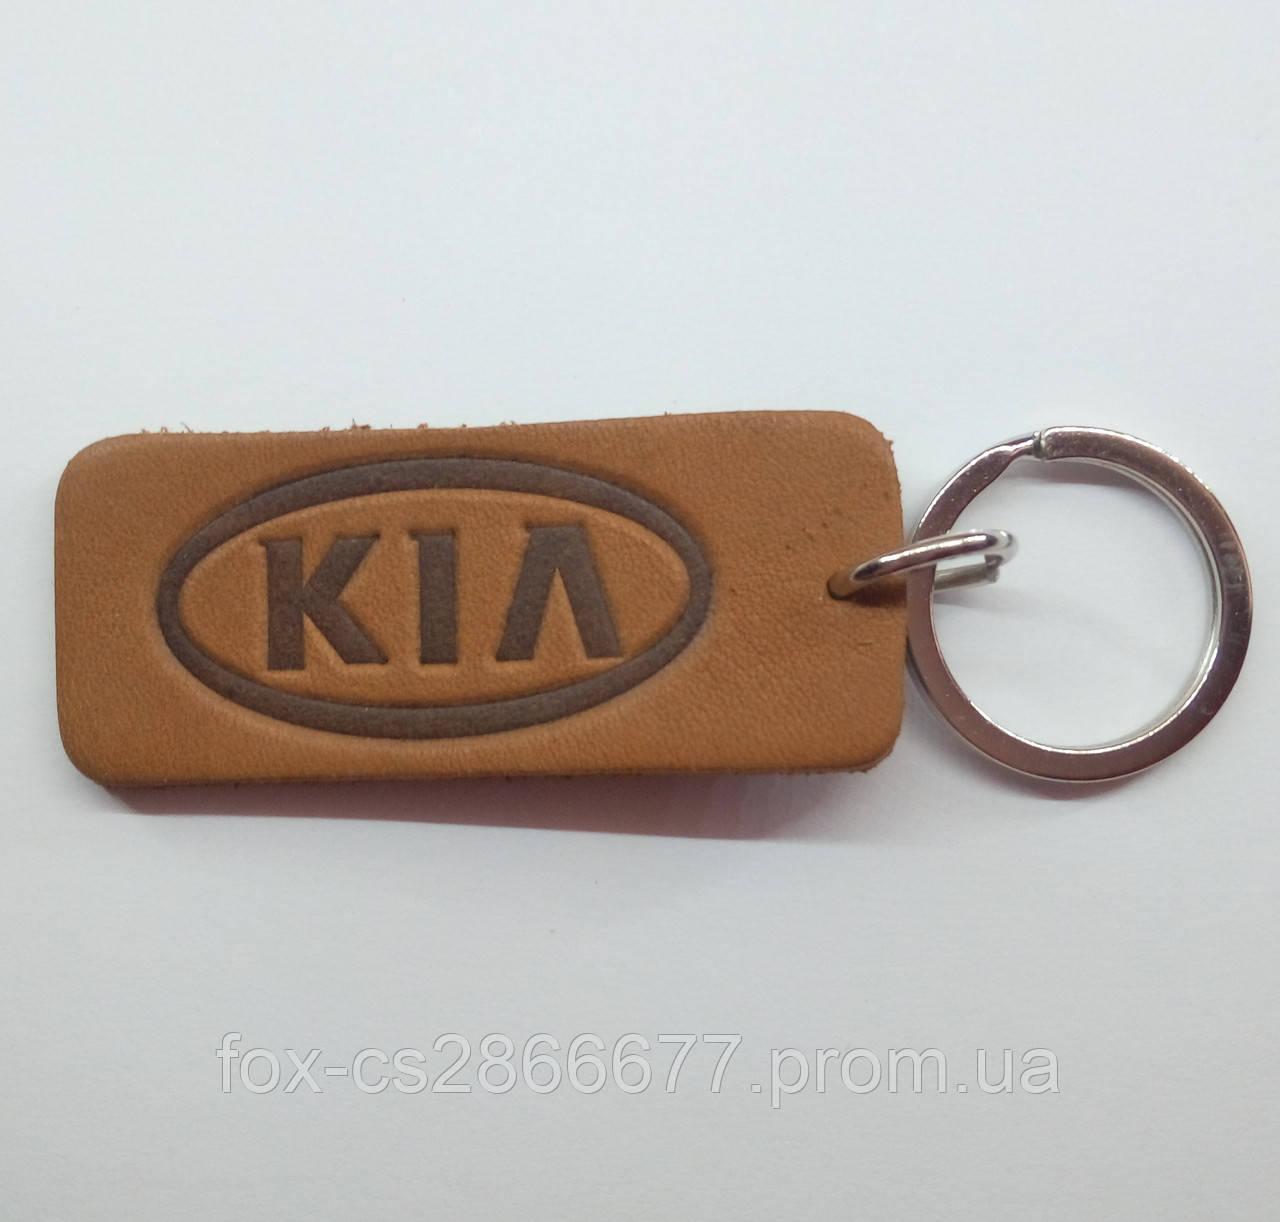 Кожаный брелок / Марки авто / Kia